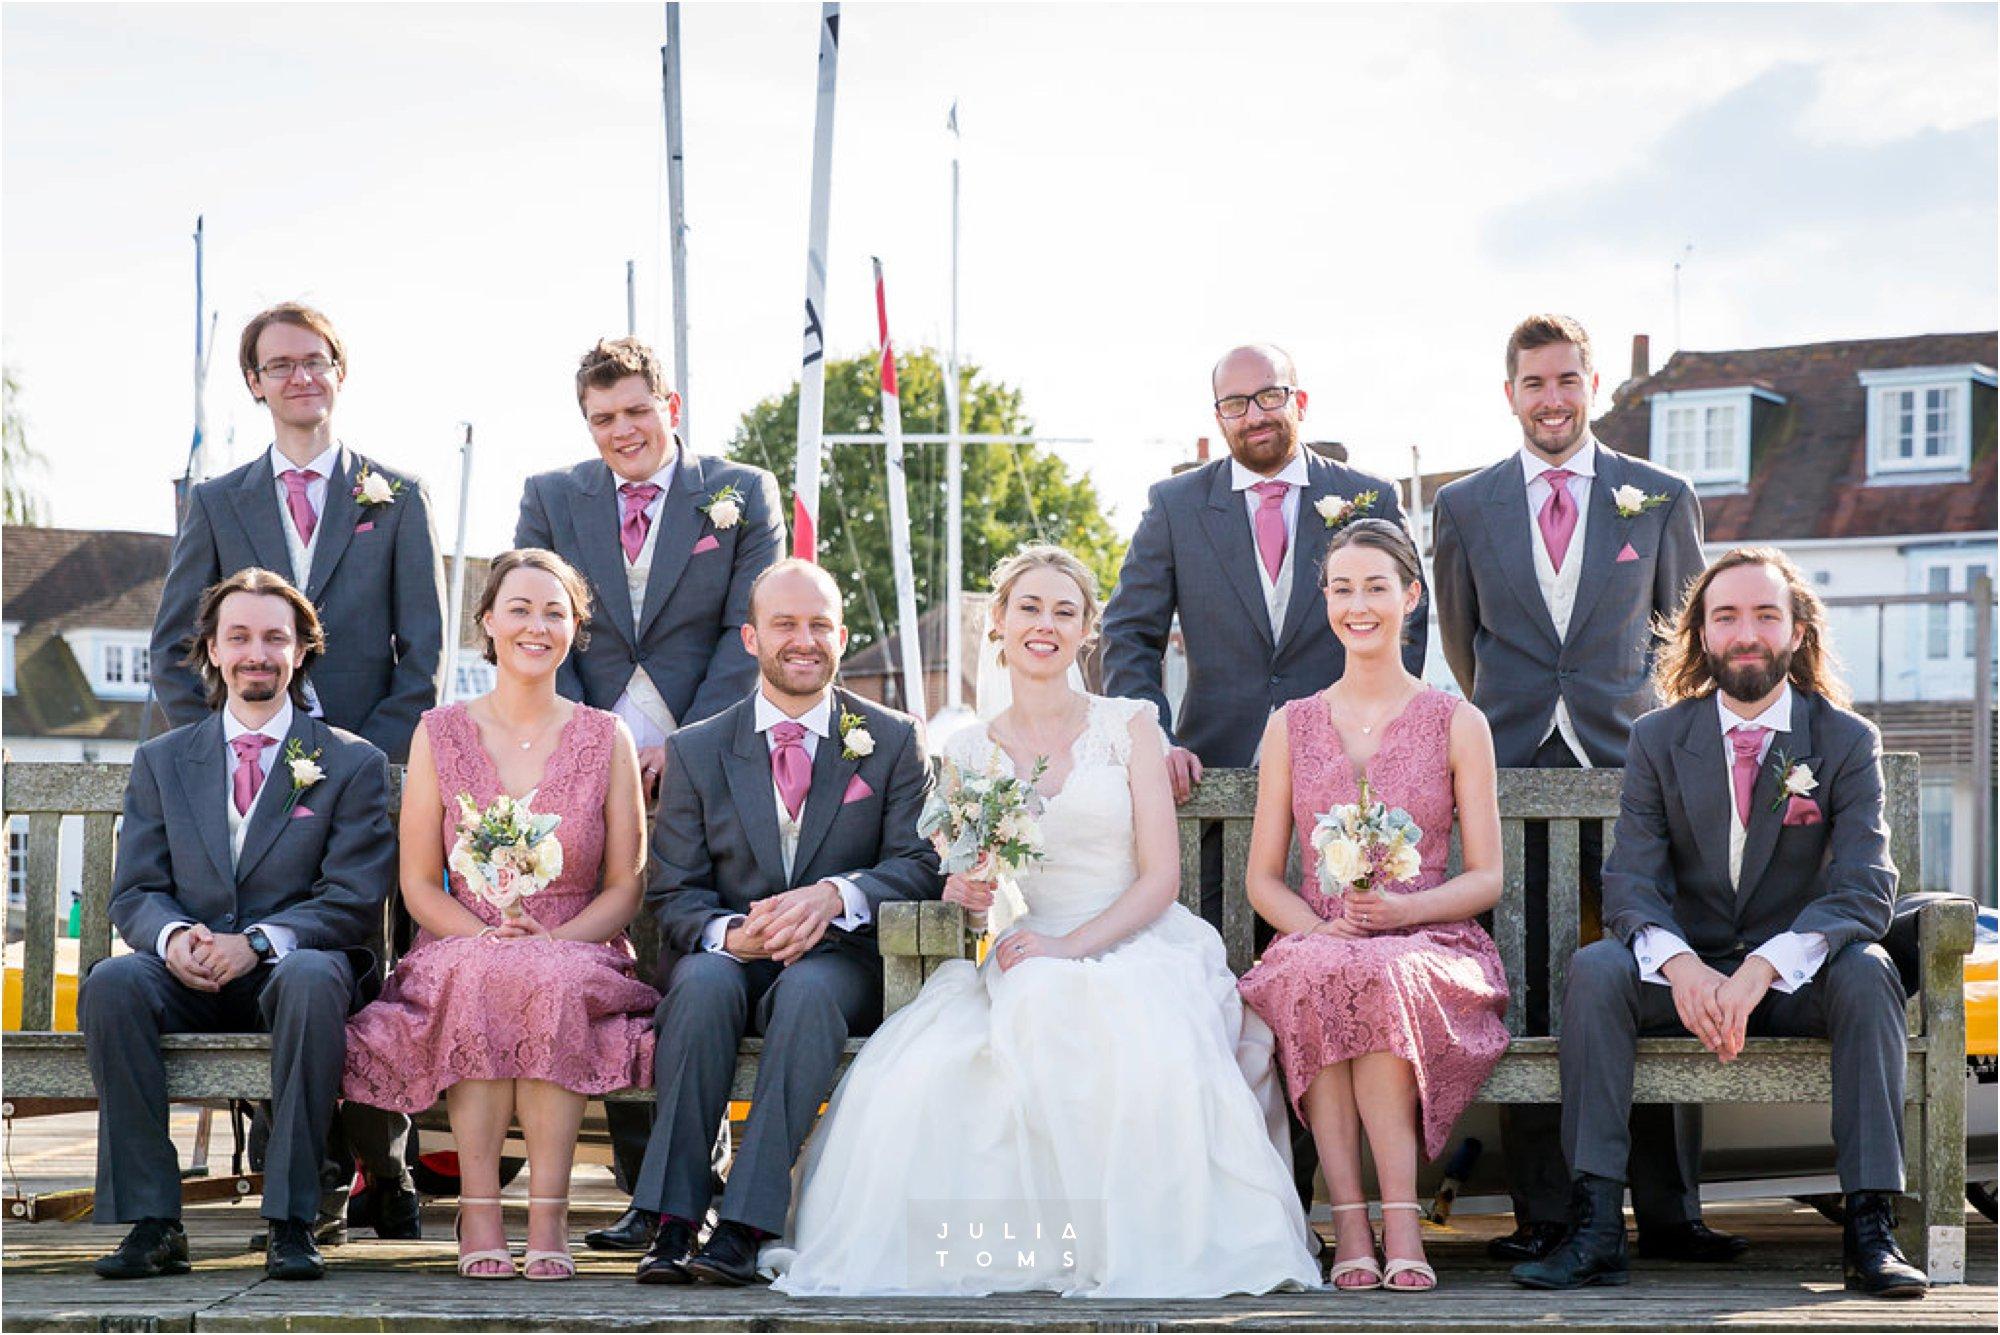 itchenor_wedding_chichester_photographer_068.jpg